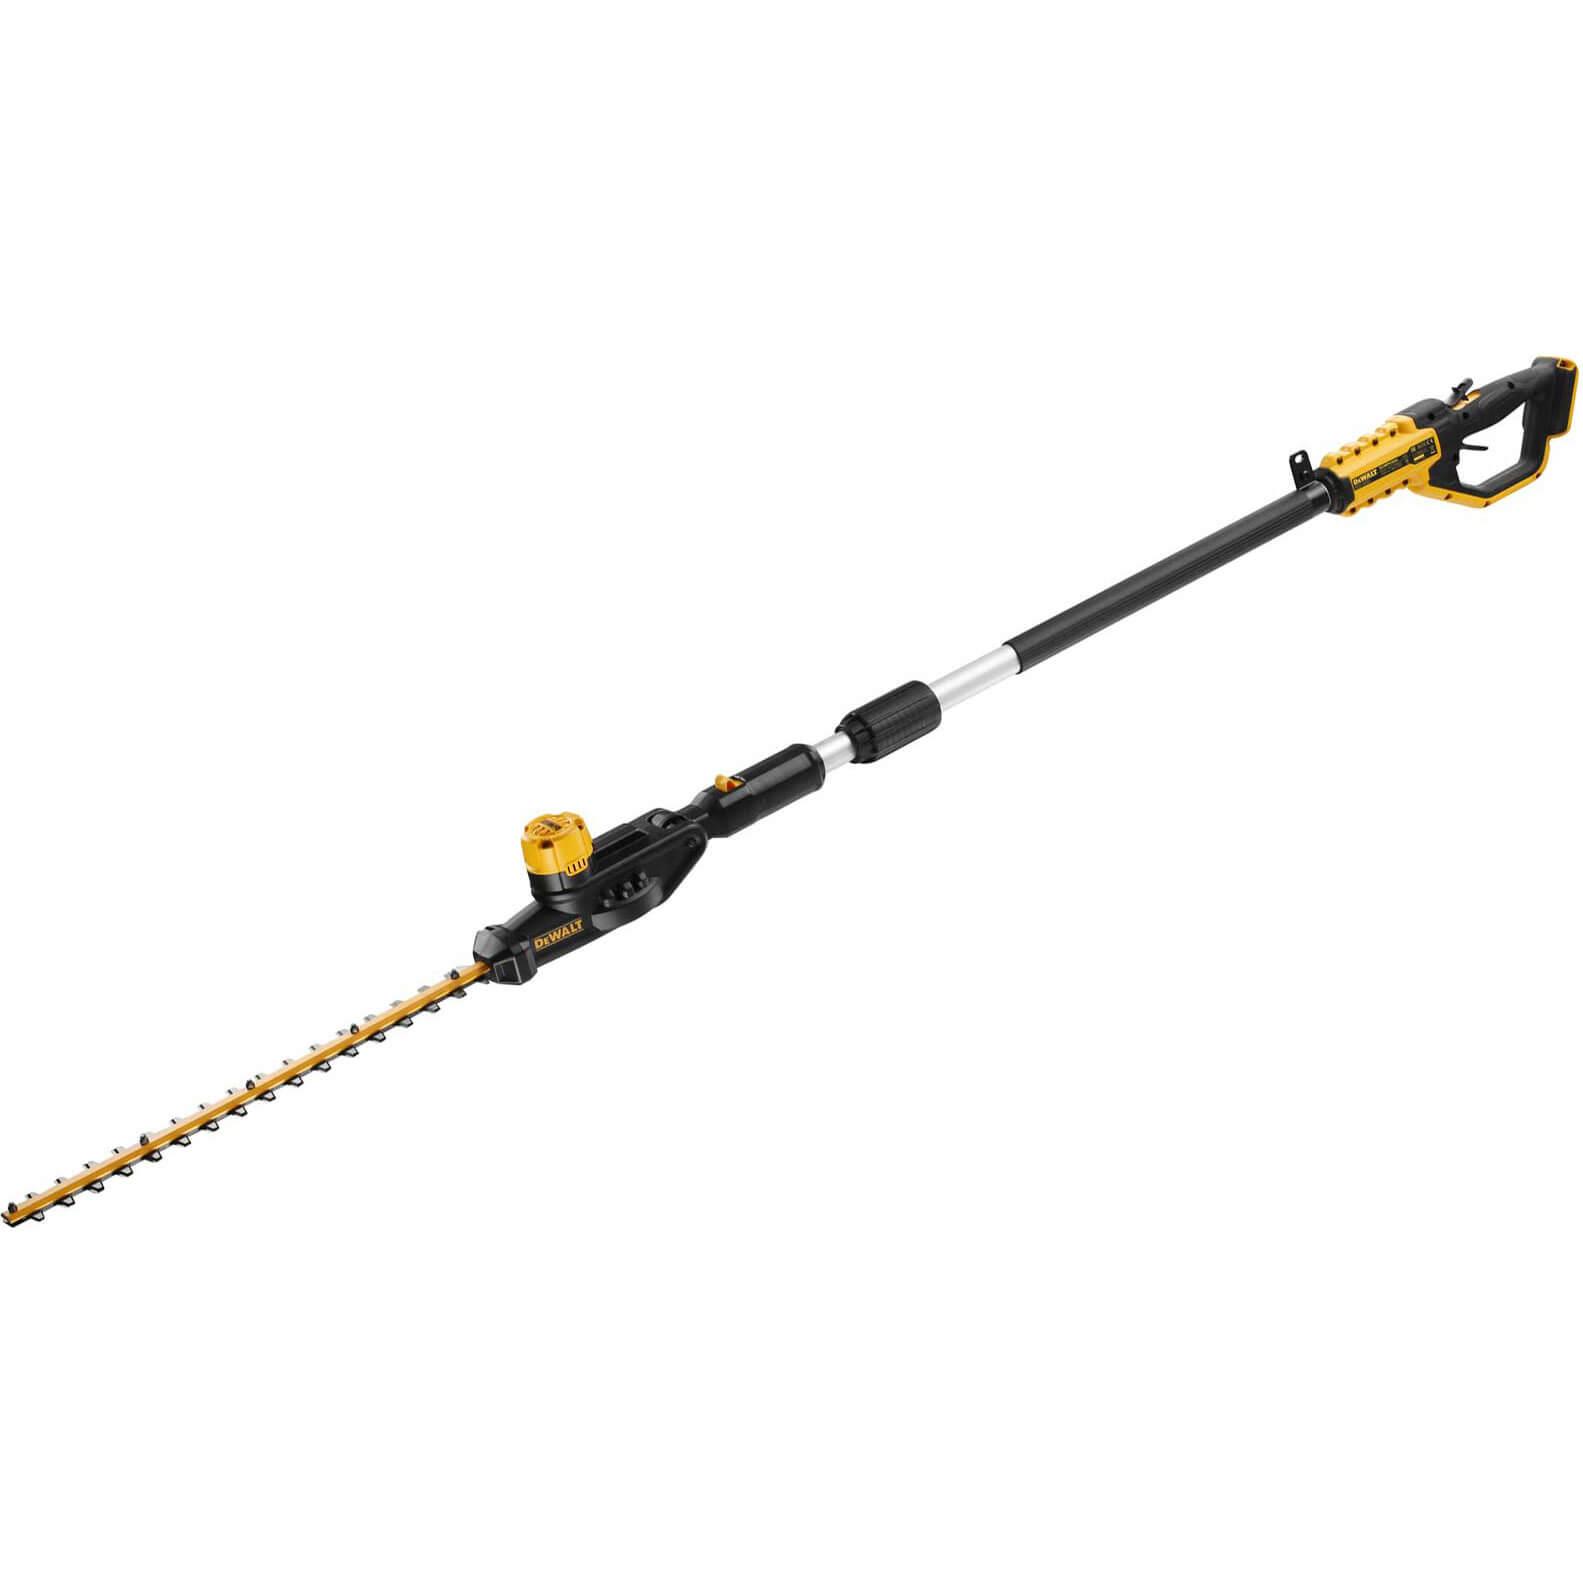 DeWalt DCMPH566 18v XR Cordless Pole Hedge Trimmer 550mm No Batteries No Charger